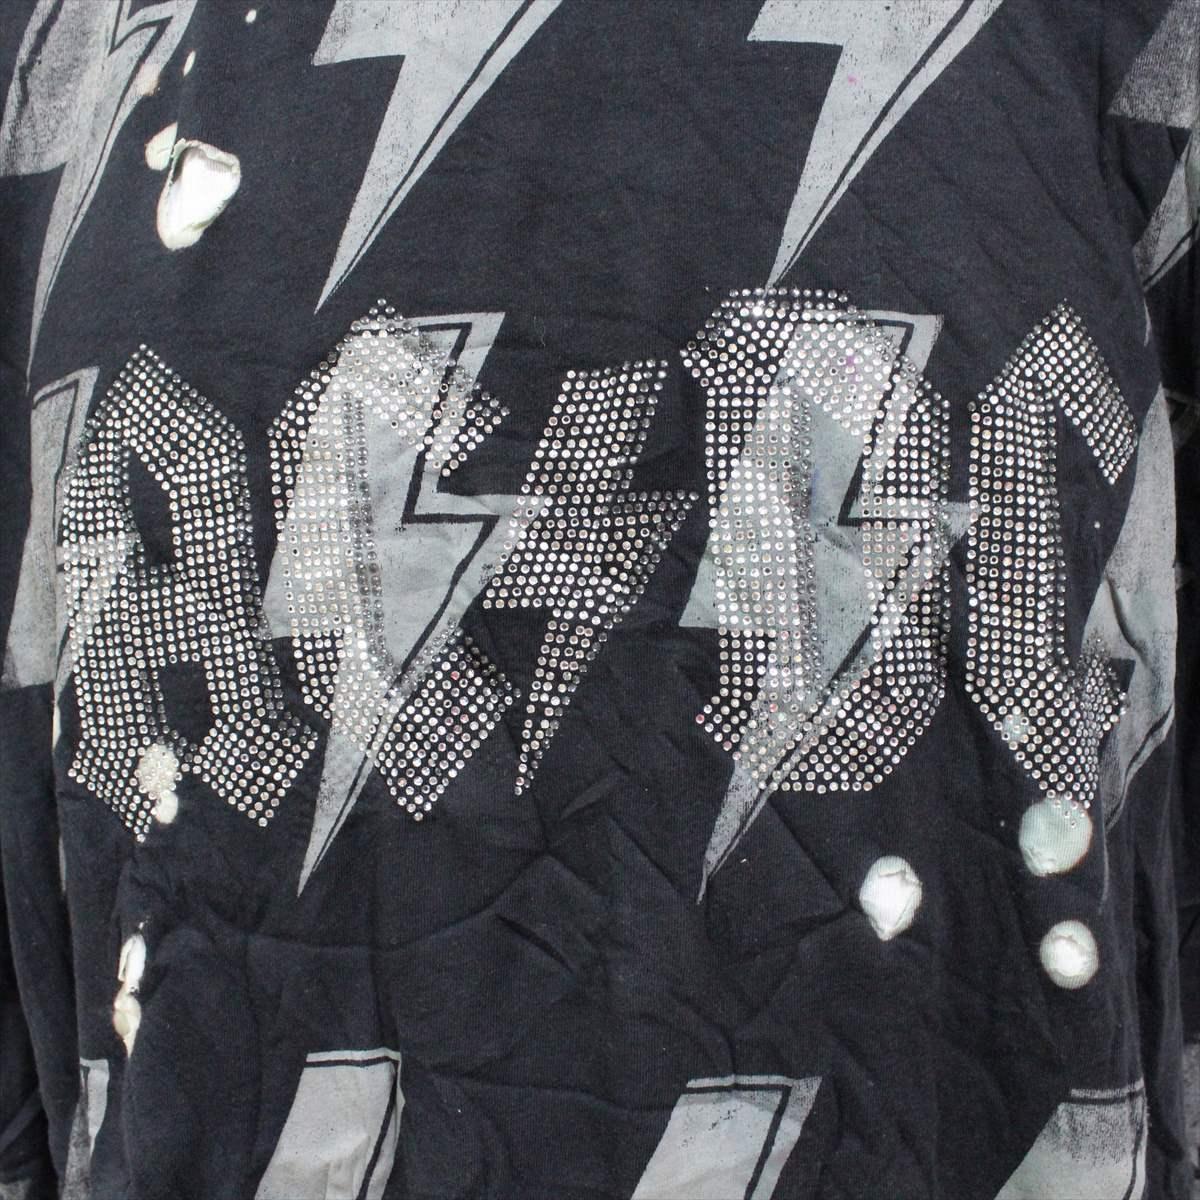 サディスティックアクション SADISTIC ACTION アイコニック ICONIC COTURE メンズ半袖Tシャツ AC/DC Lサイズ 新品_画像2